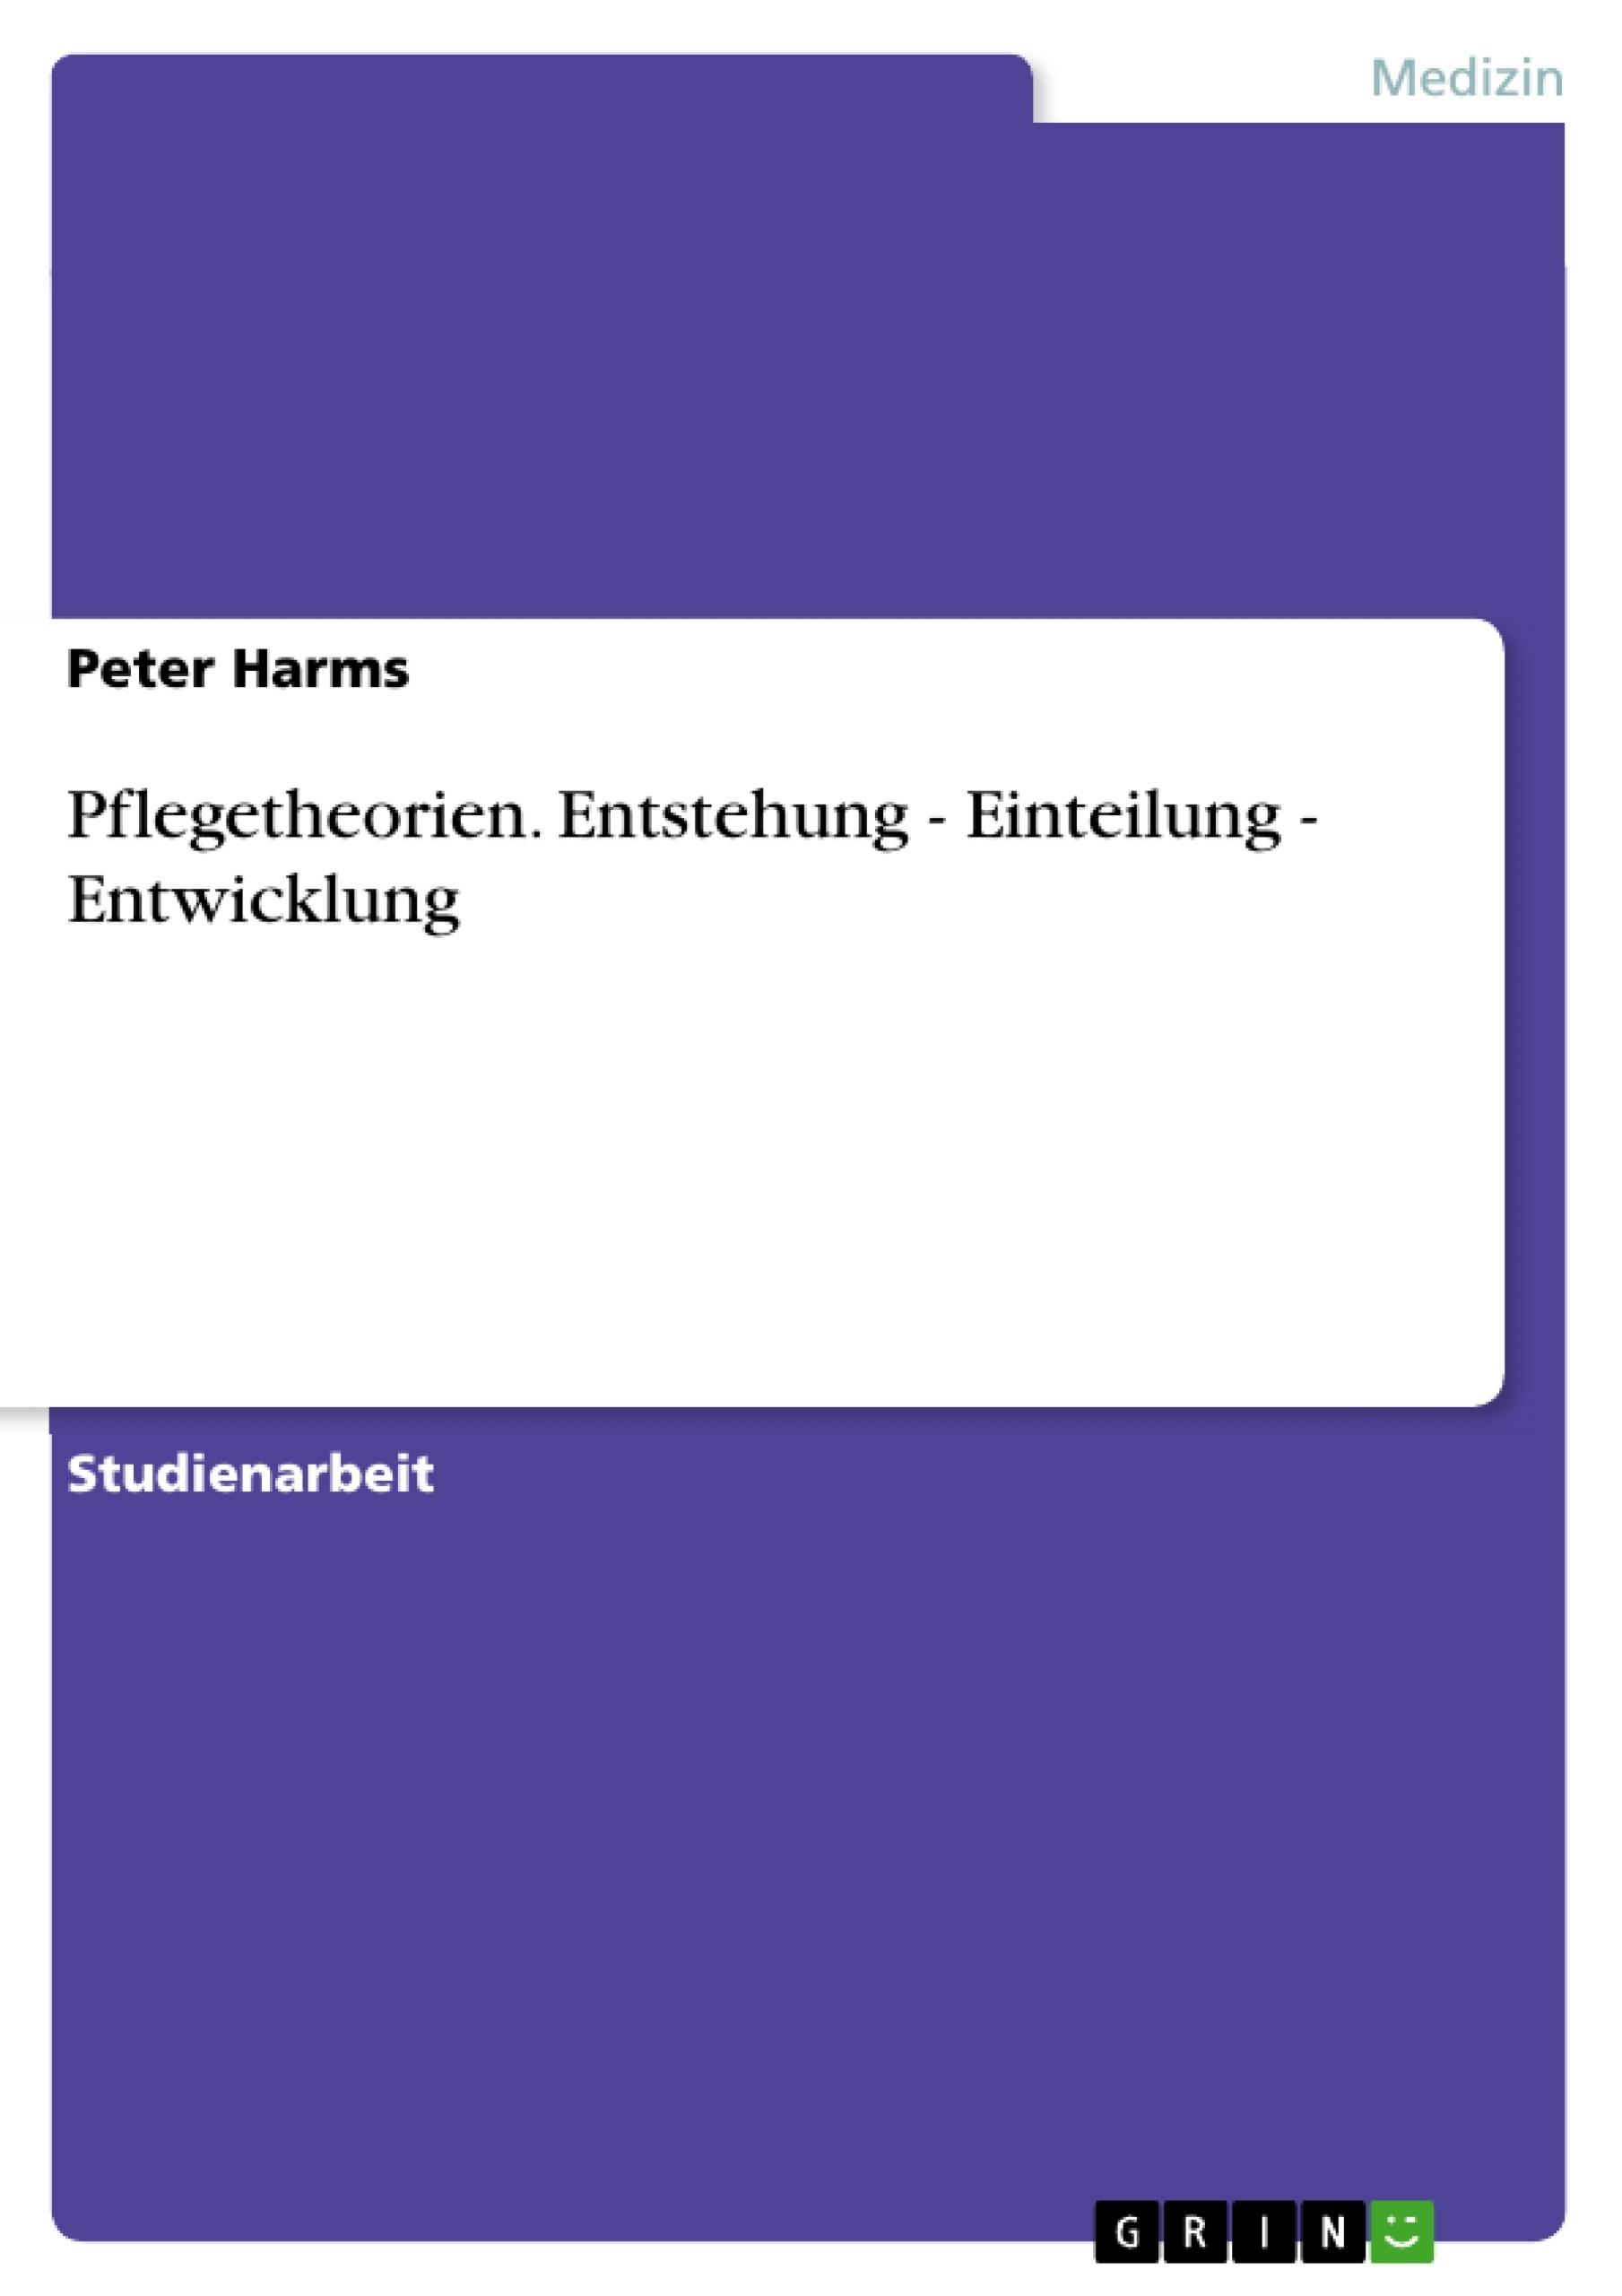 Titel: Pflegetheorien. Entstehung - Einteilung - Entwicklung